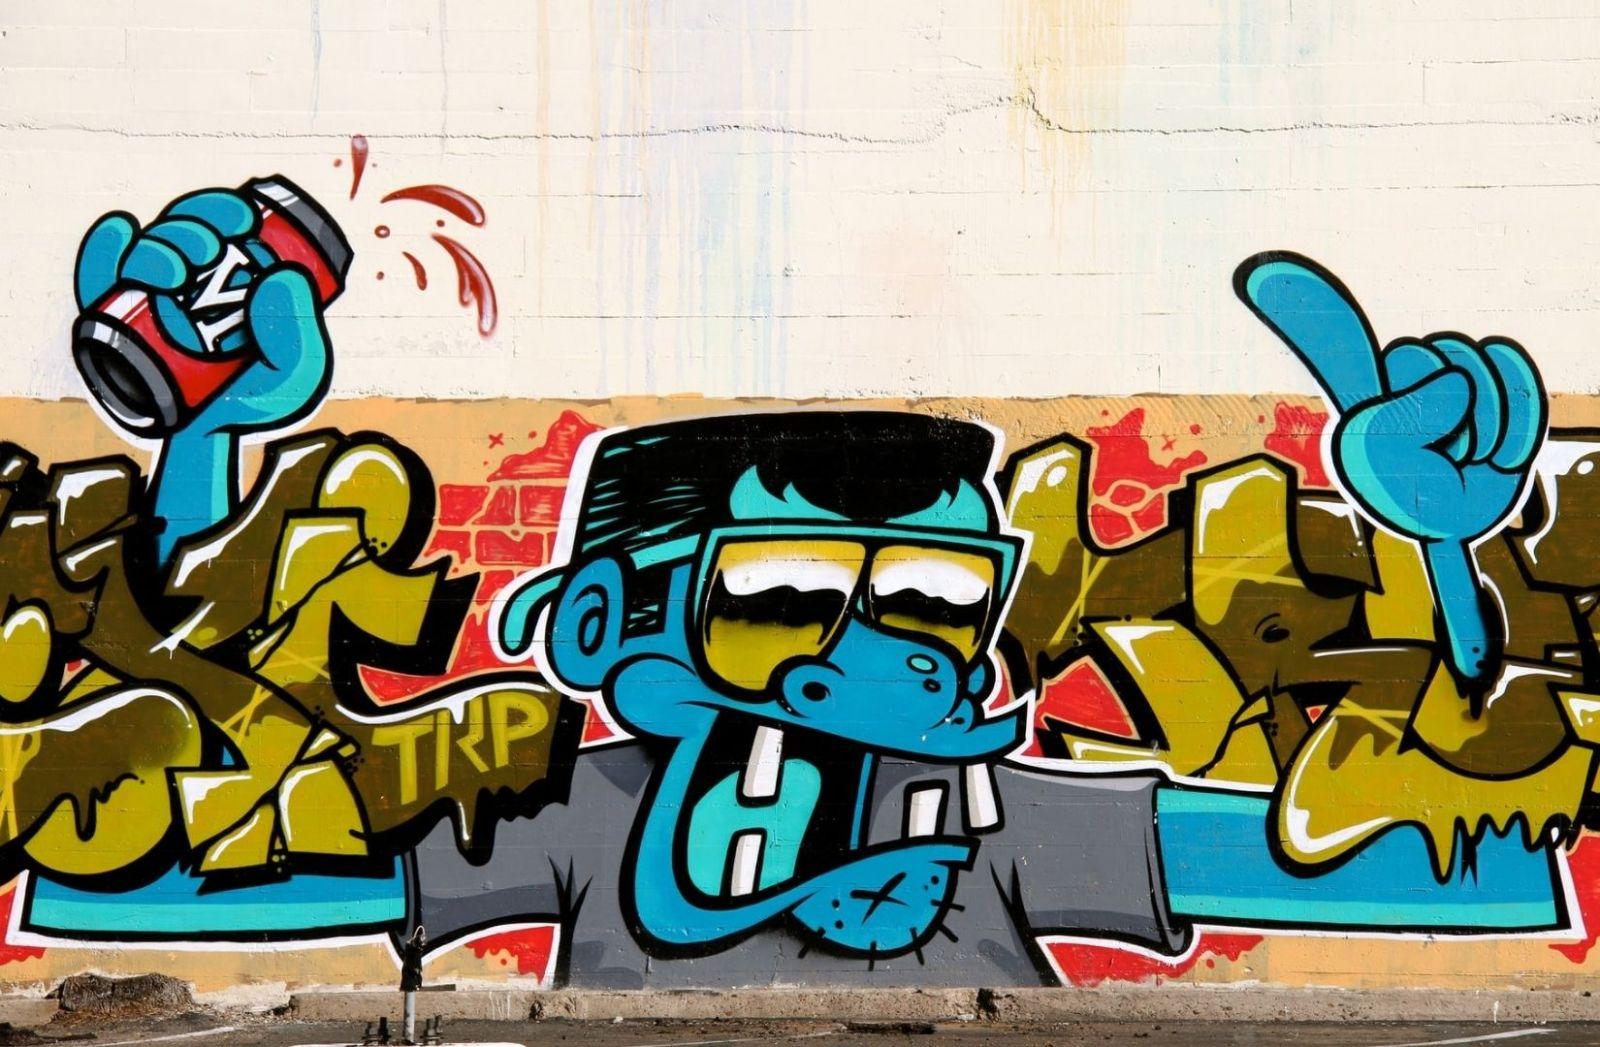 Street Art, die George Orwell vielleicht gemocht hätte. (Foto: Kelcy Gatson, Unsplash.com)